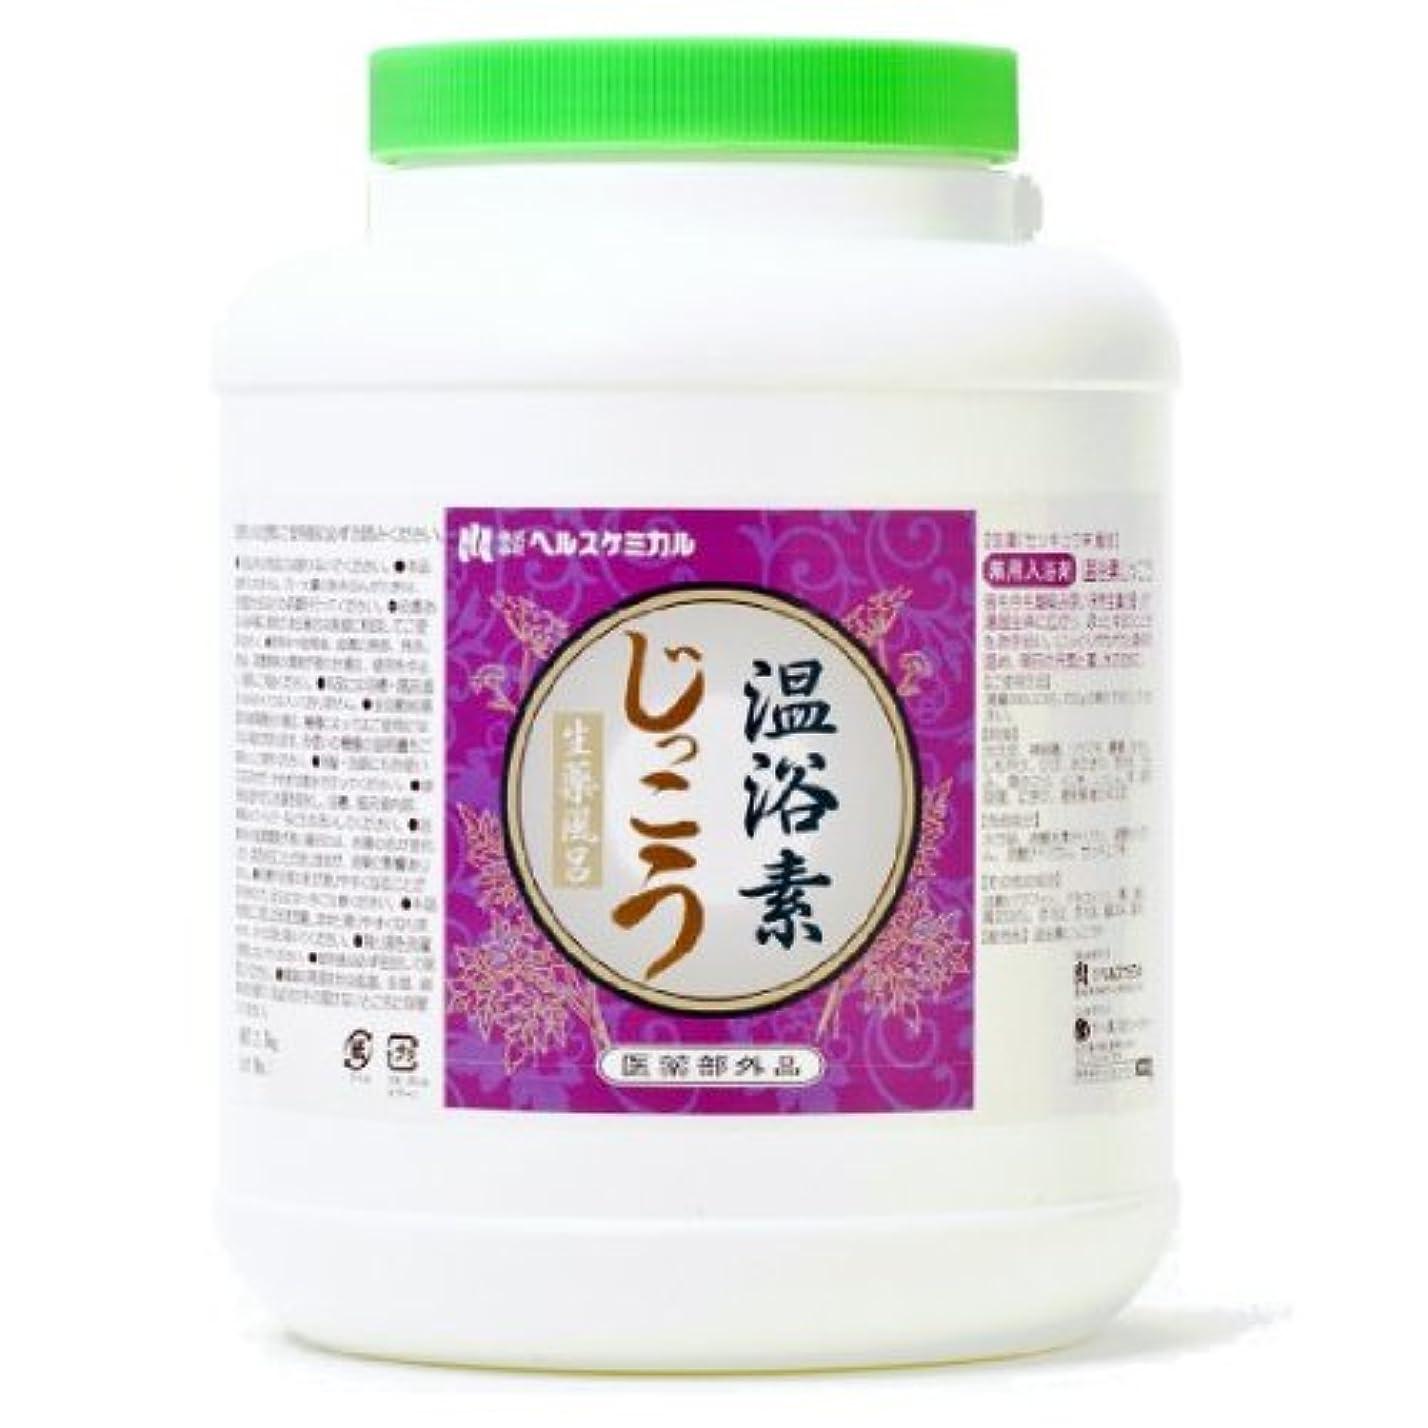 水曜日分解するベーシック温浴素 じっこう 2.5kg 約125回分 粉末 生薬 薬湯 医薬部外品 ロングセラー 天然生薬 の 香り